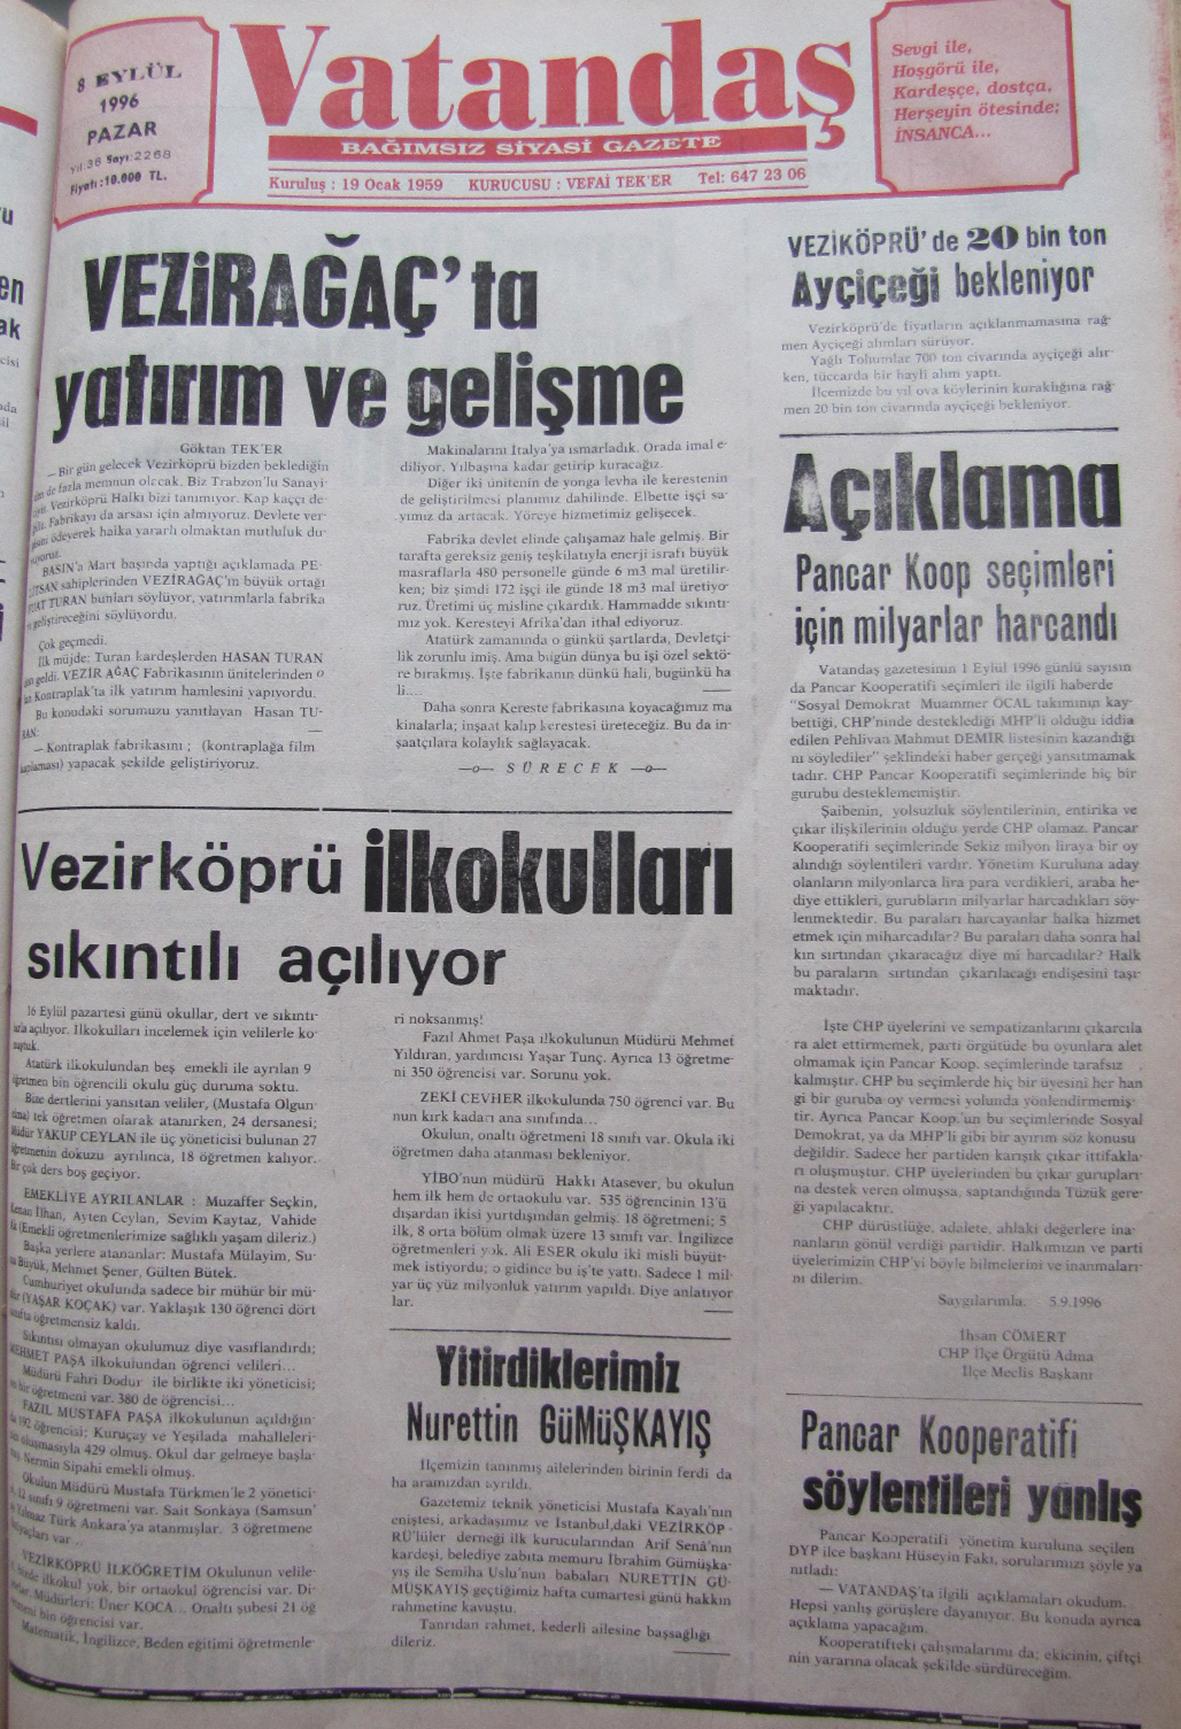 20 yıl önce Vezirköprü – 01 Eylül 1996  Pazar